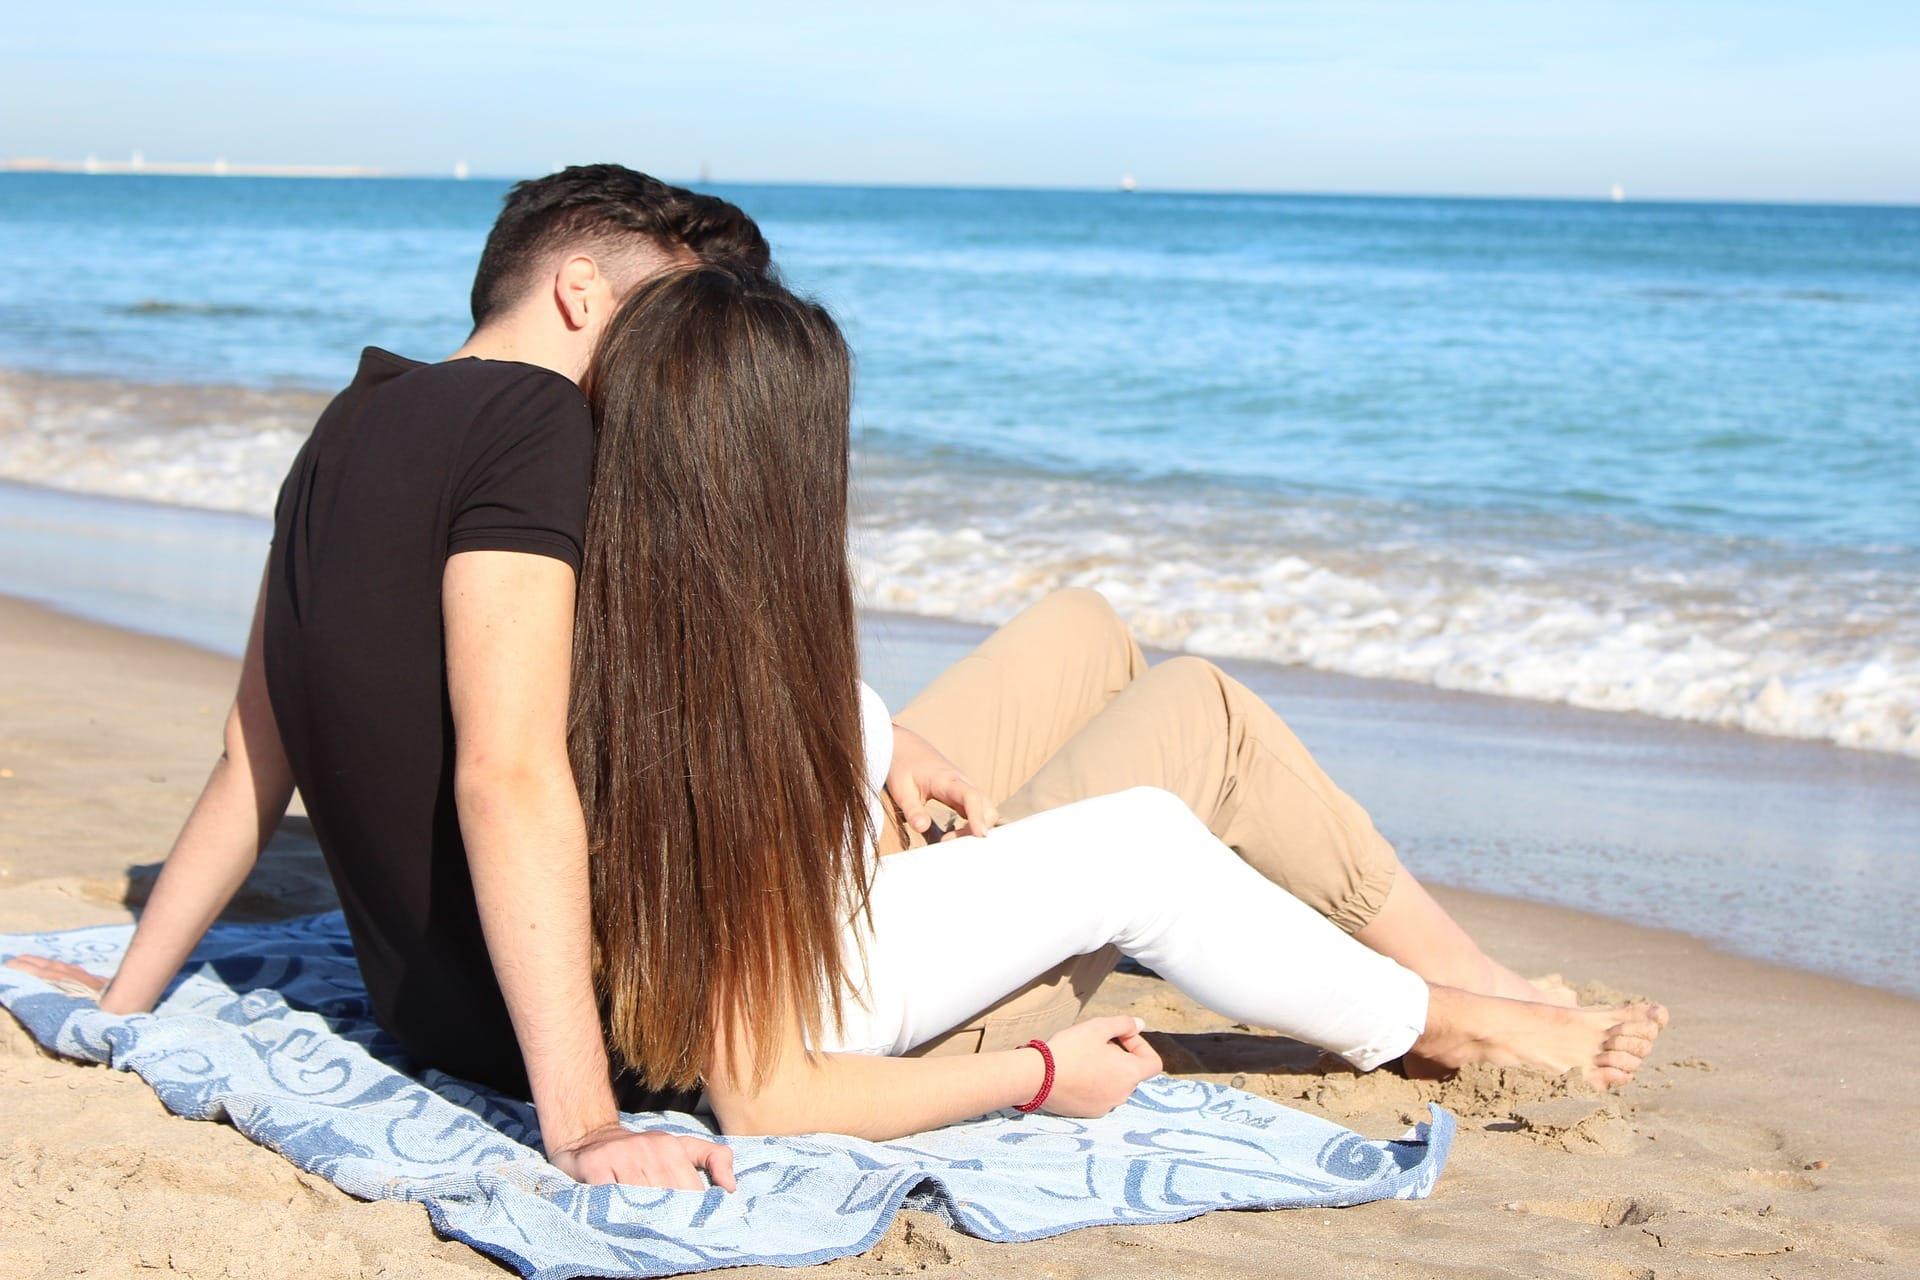 Сексологи считают, что повышение либидо в весенний период можно объяснить как социальными факторами, так и природными